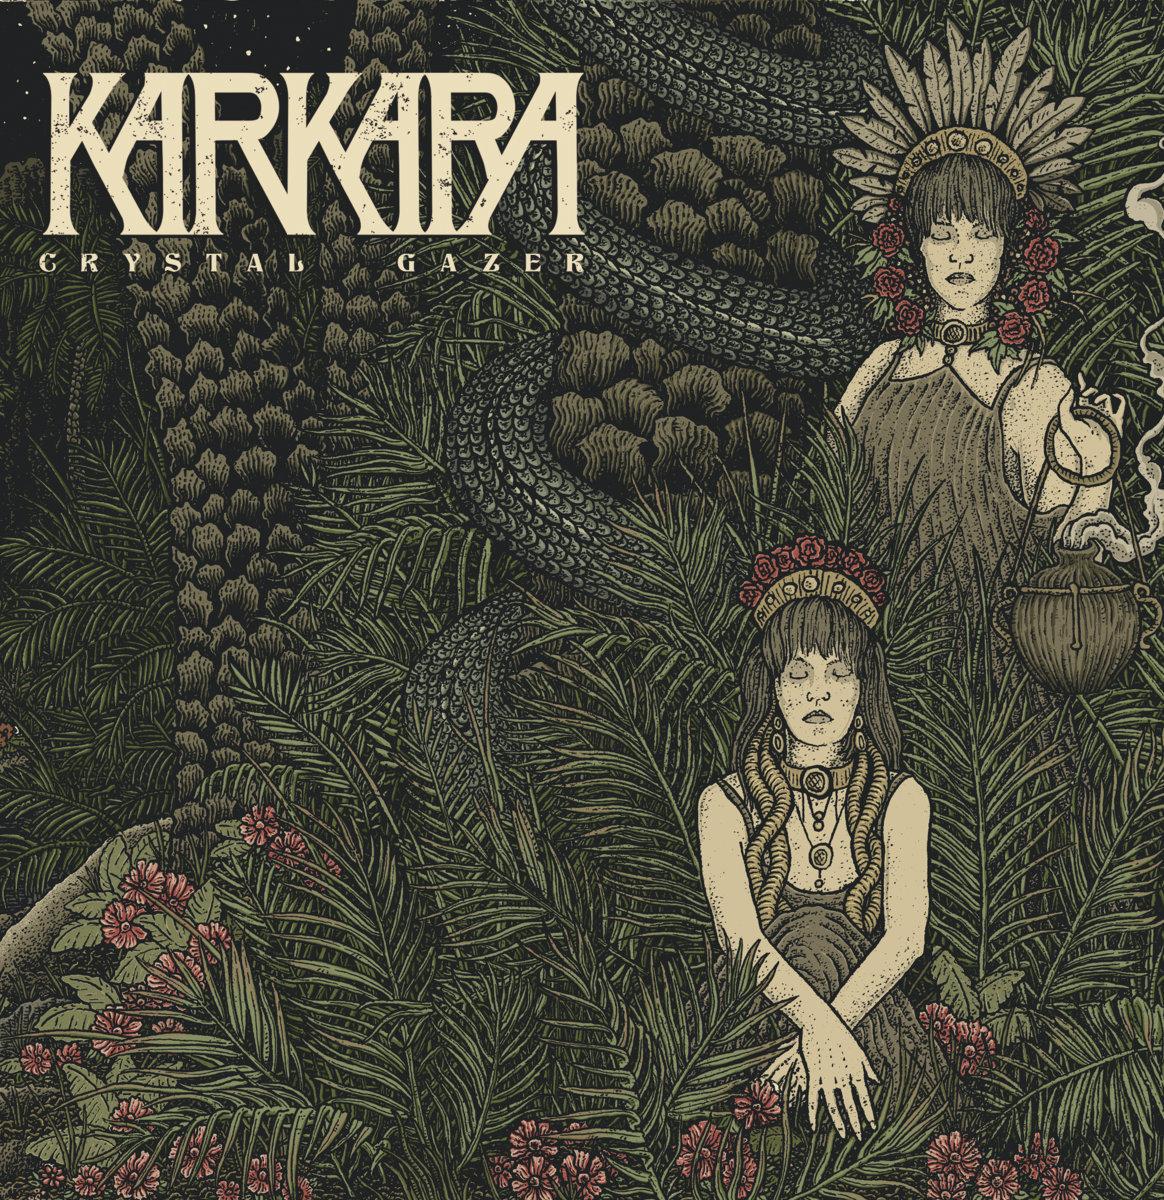 KARKARA - Crystal Gazer